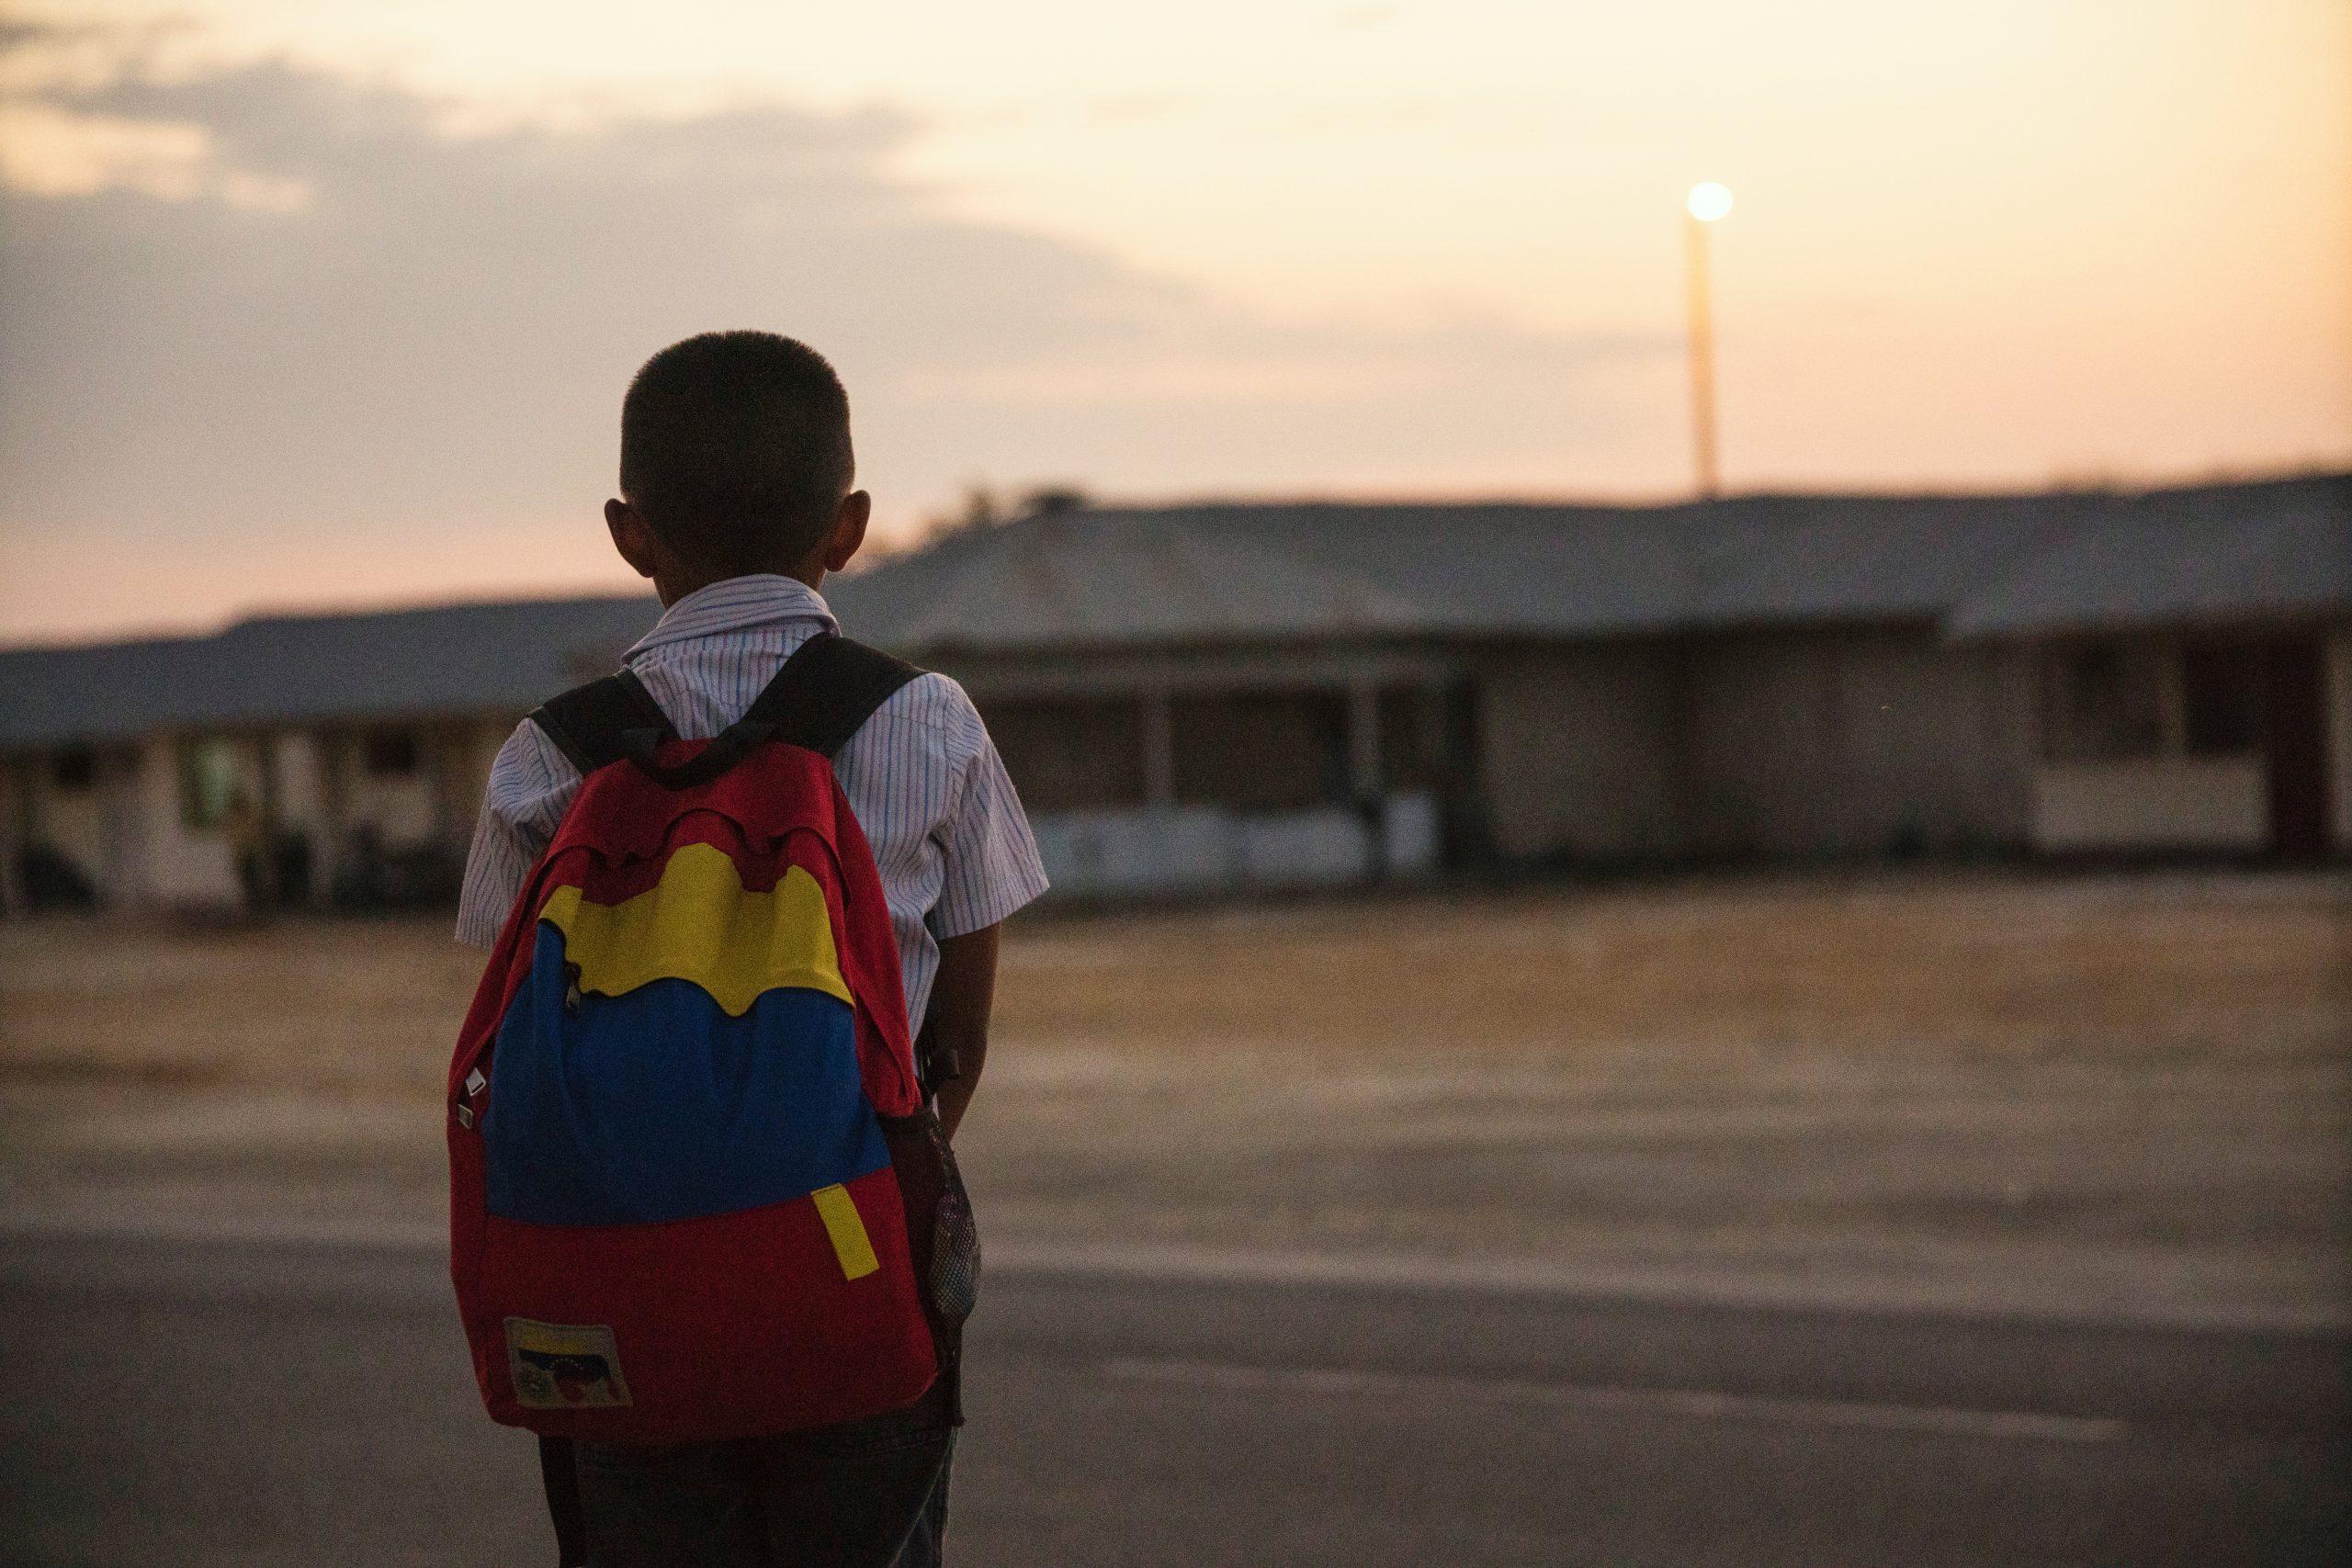 Peru: Unlawfully turning away Venezuelans seeking protection